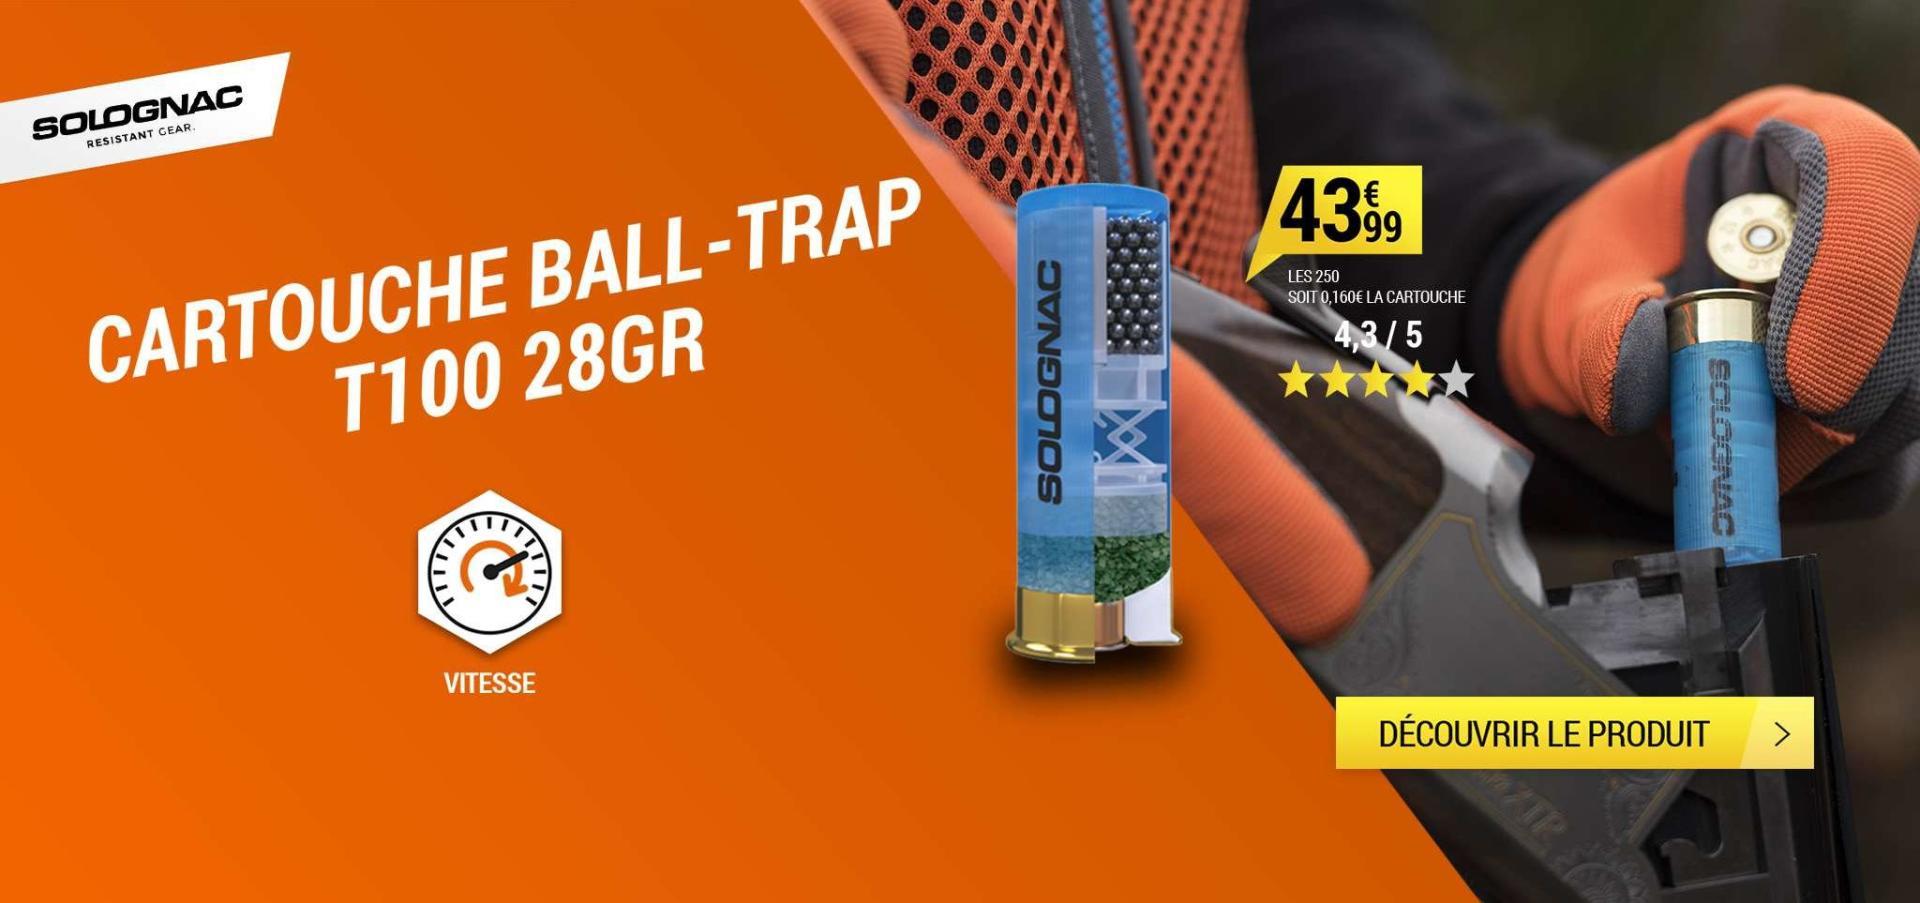 Cartouche Ball-trap Solognac